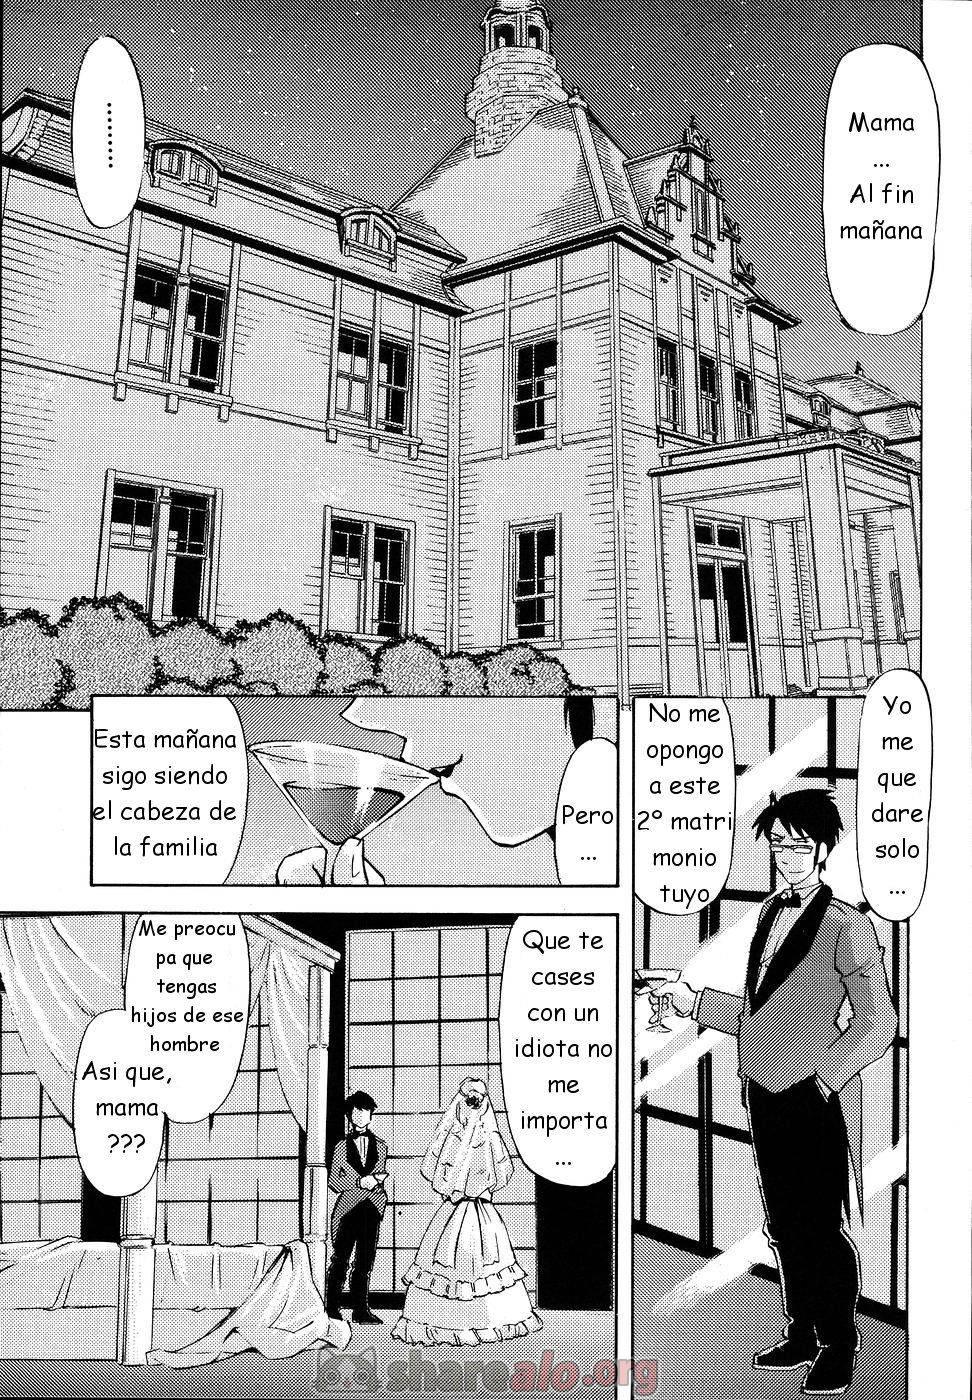 [ Inshoku no Kizuna Manga Hentai ]: Comics Porno Manga Hentai [ SsvwAYAs ]